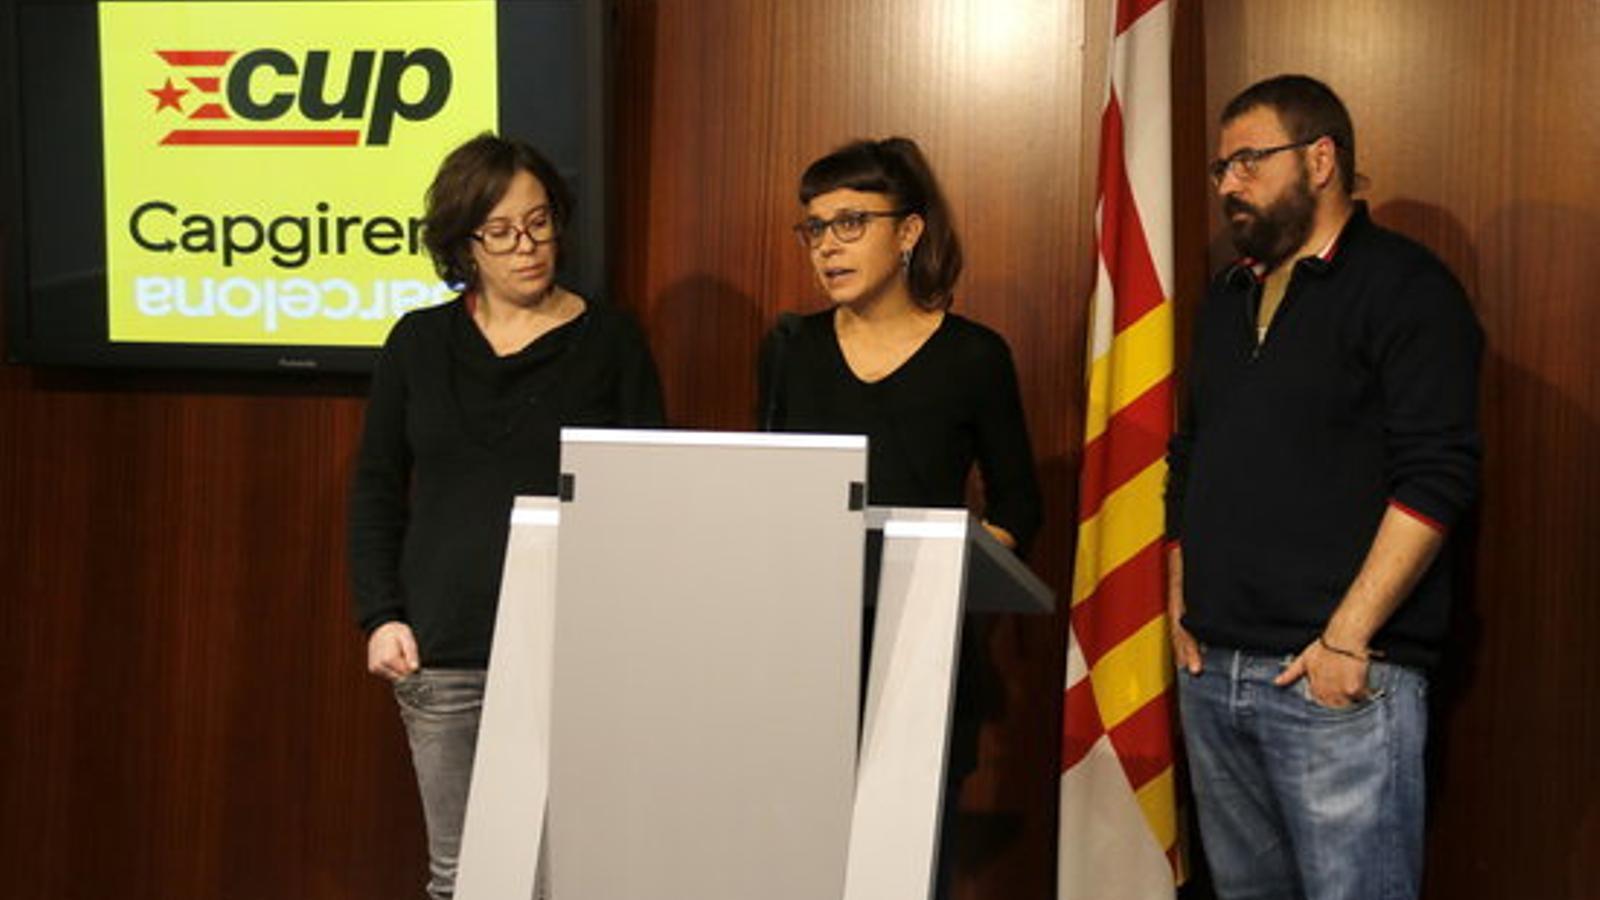 Compareixença de la CUP a l'Ajuntament de Barcelona, amb les regidores Eulàlia Reguant i Maria Rovira, i el número 5 de la CUP, Jordi Salvia